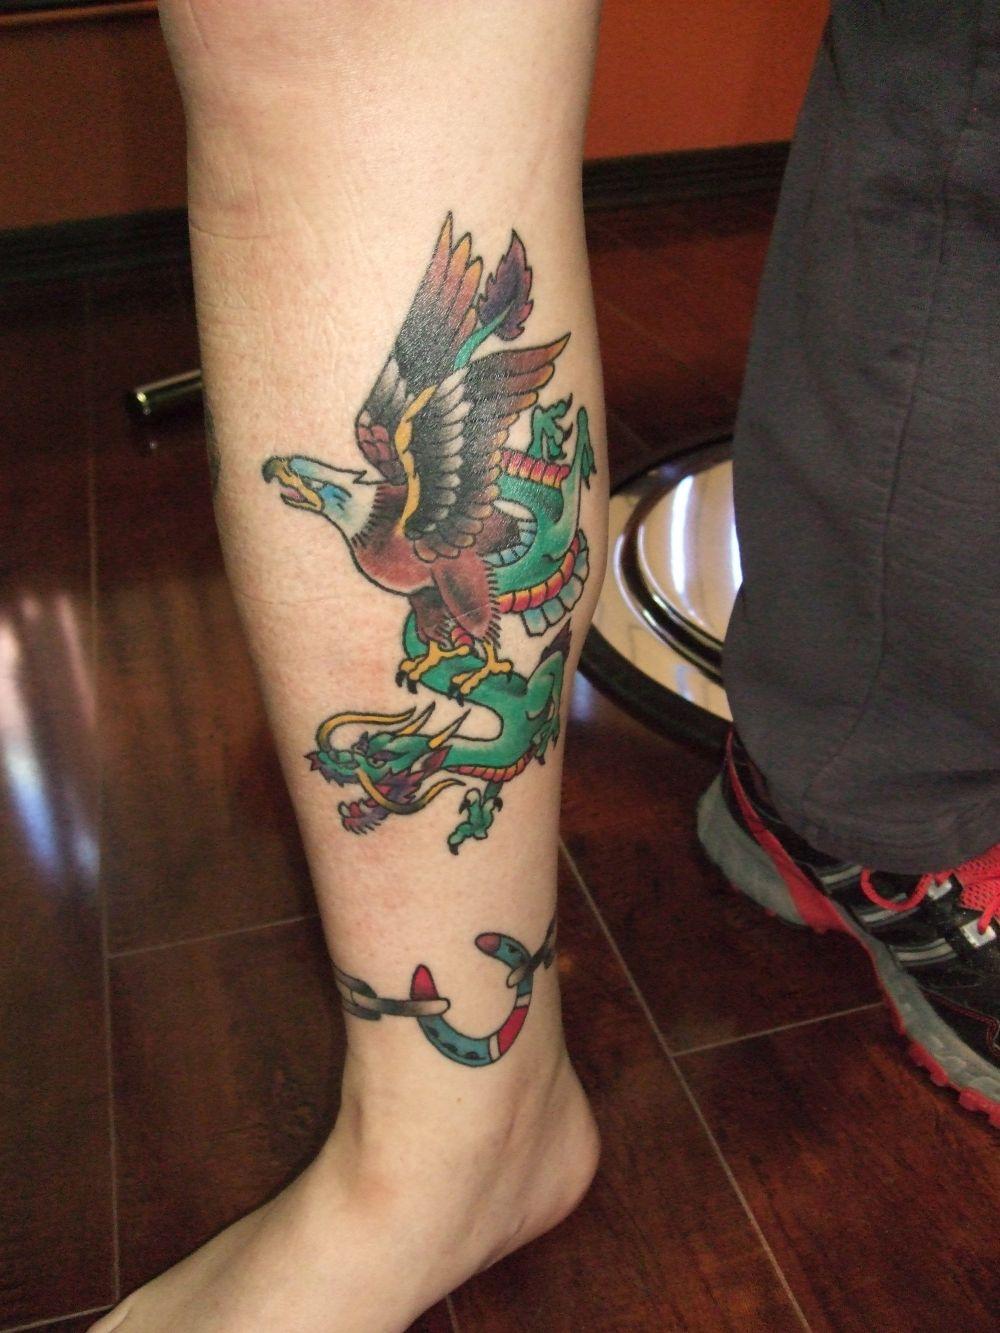 Cw18 true grit tattoo parlor for Tenth street tattoo